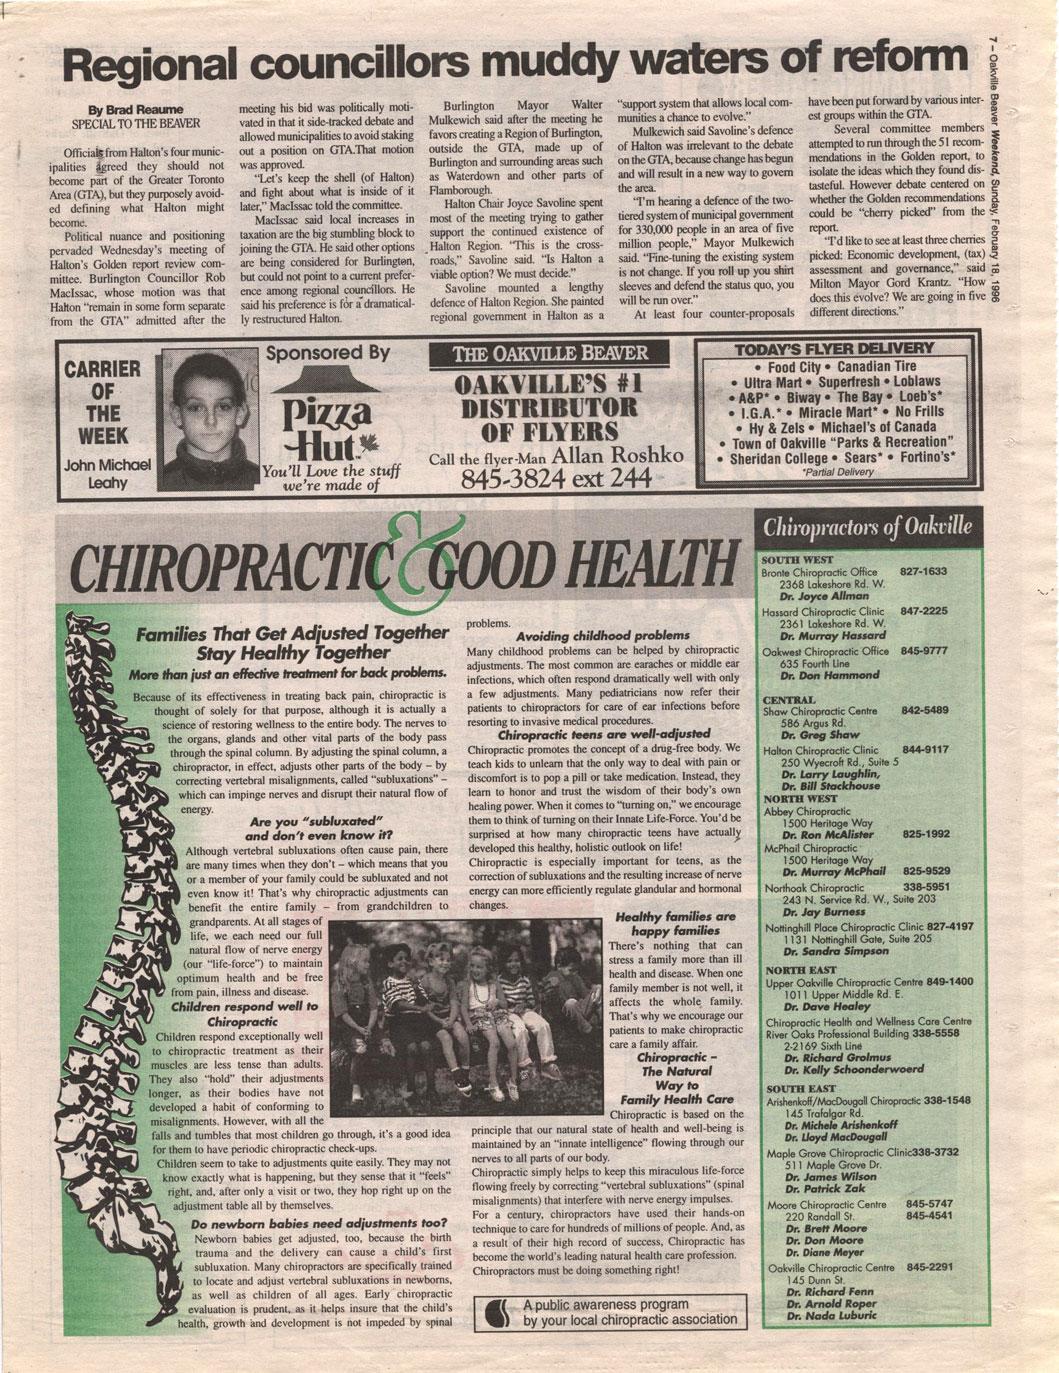 Oakville Beaver, 18 Feb 1996